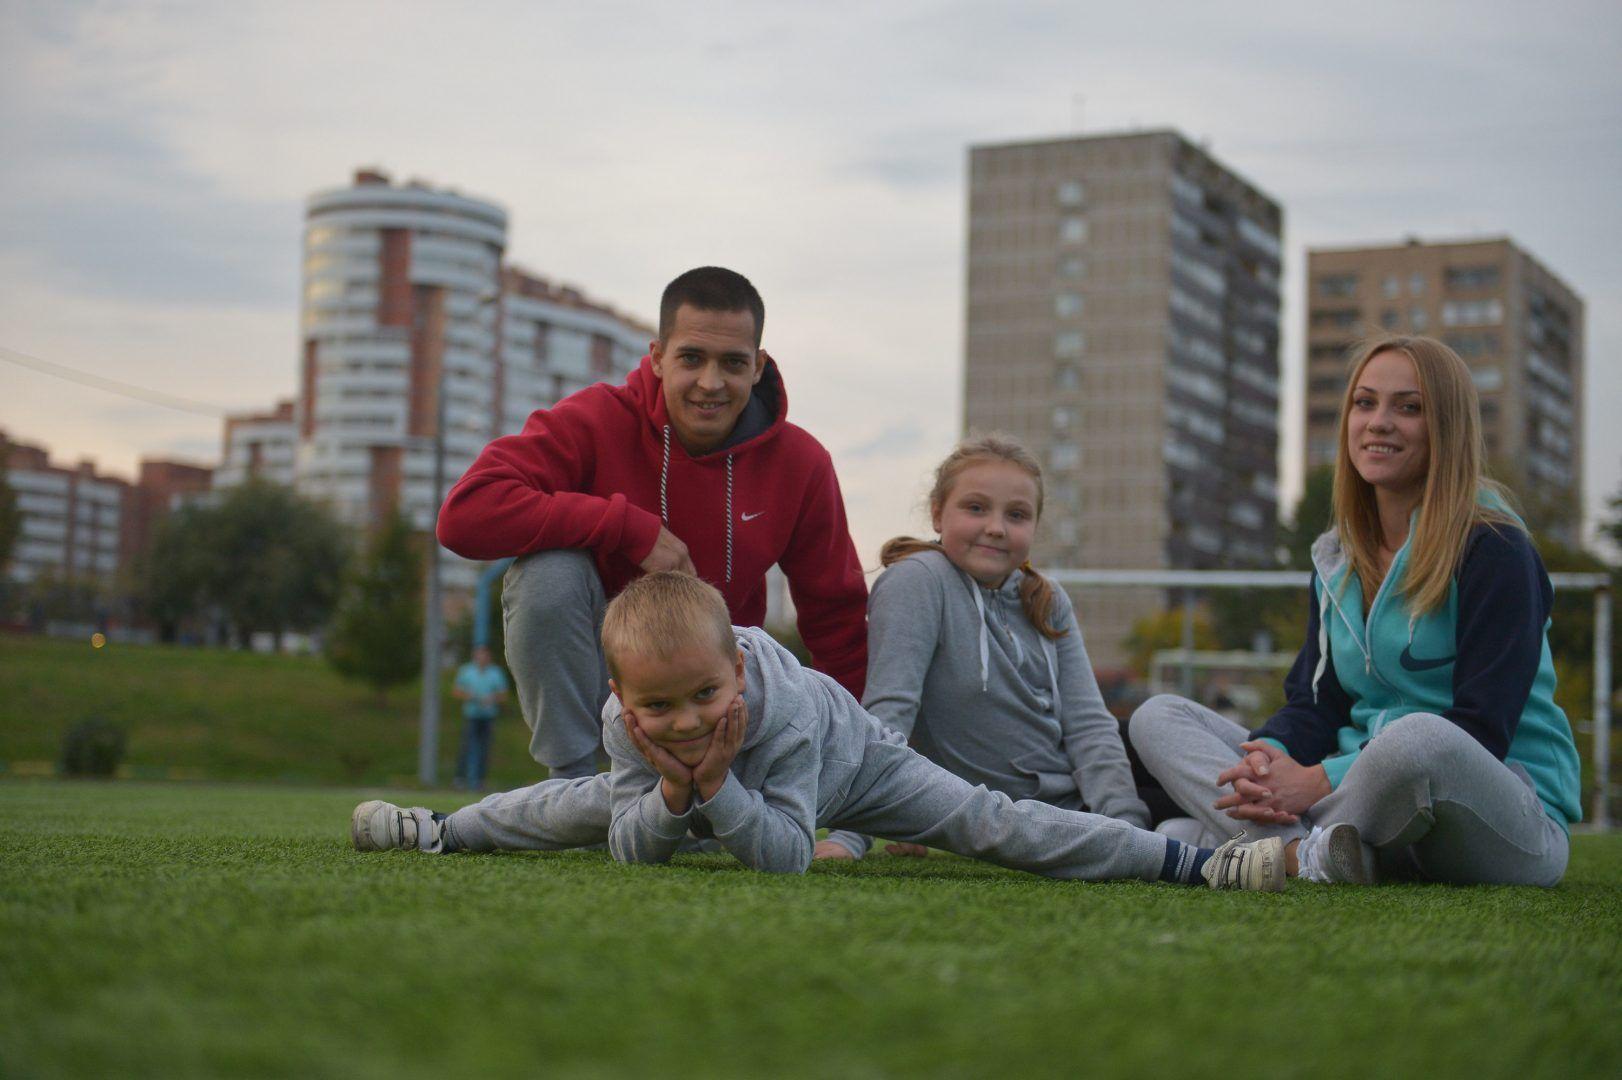 Спортсмены и Сосенского стали призерами соревнований. Фото: Александр Казаков, «Вечерняя Москва»